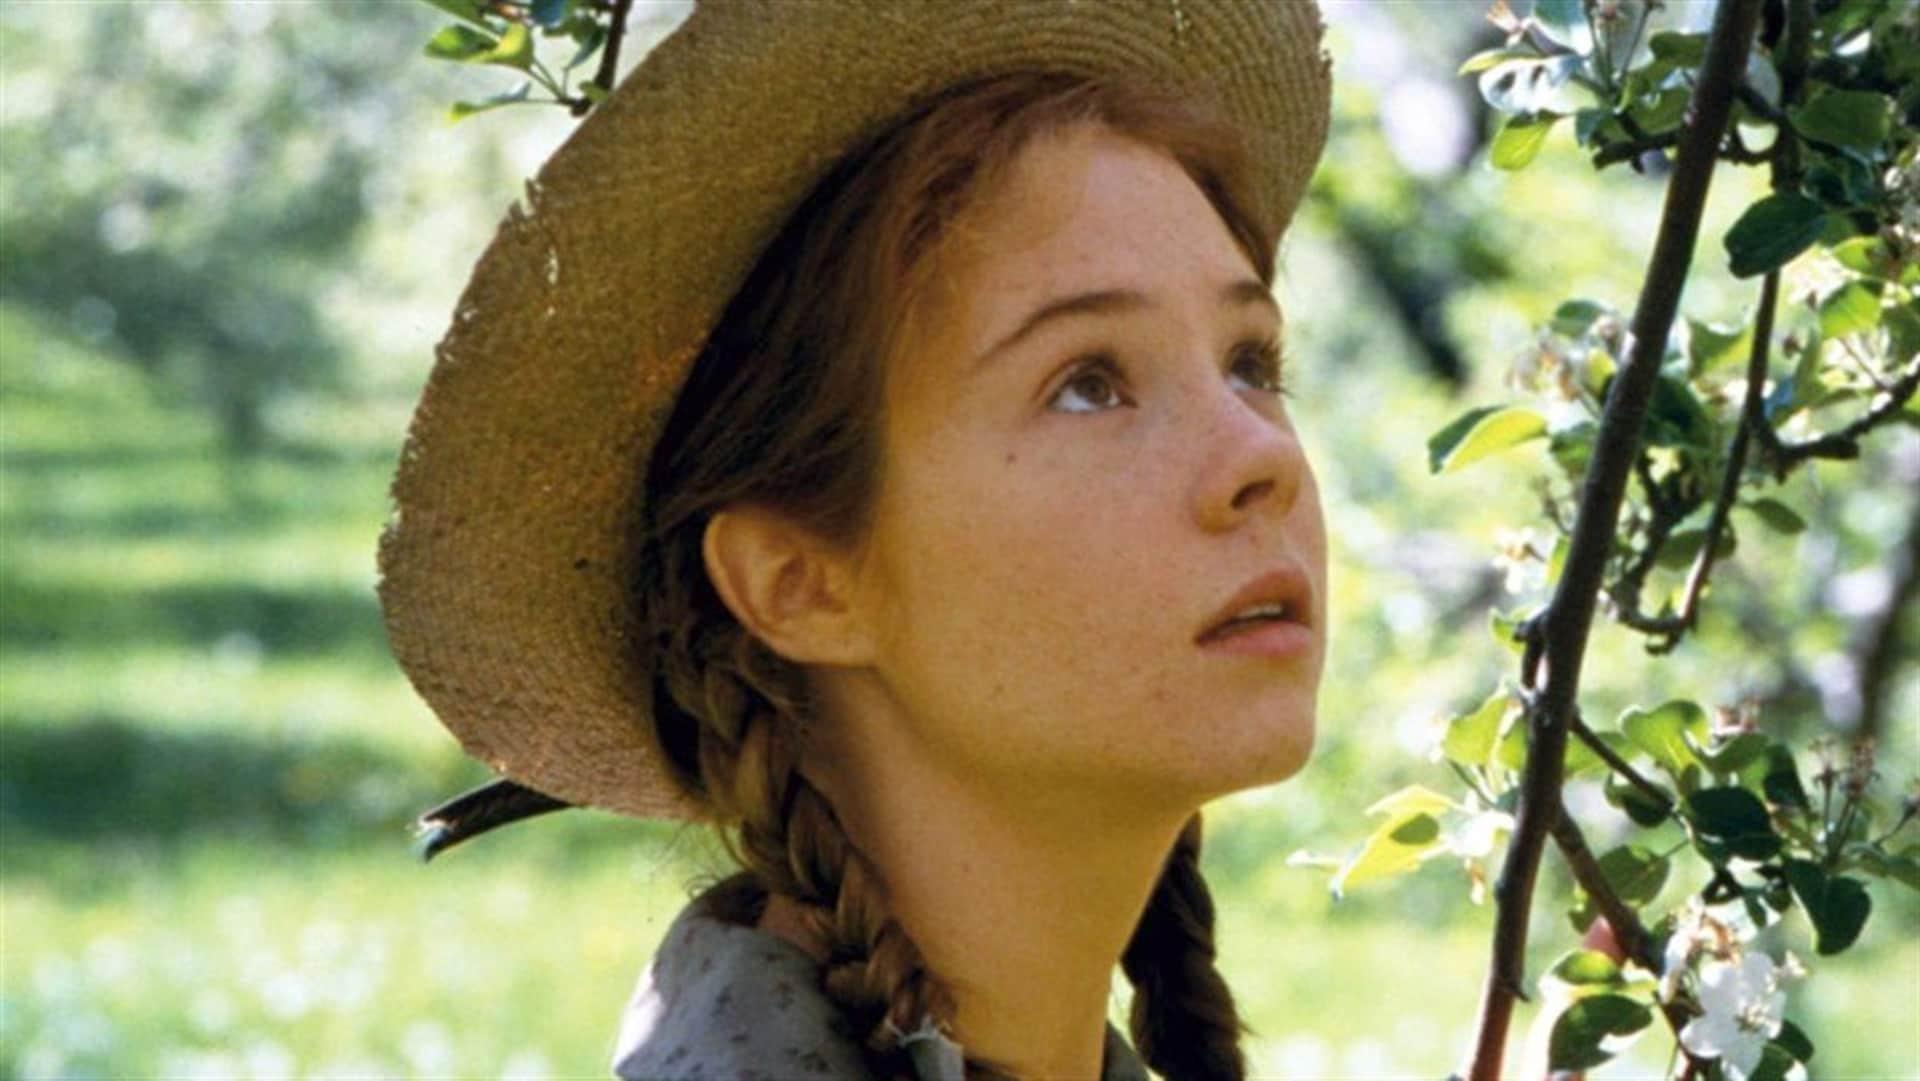 Une jeune fille rousse avec un chapeau de paille se tient près d'un arbre en fleurs.